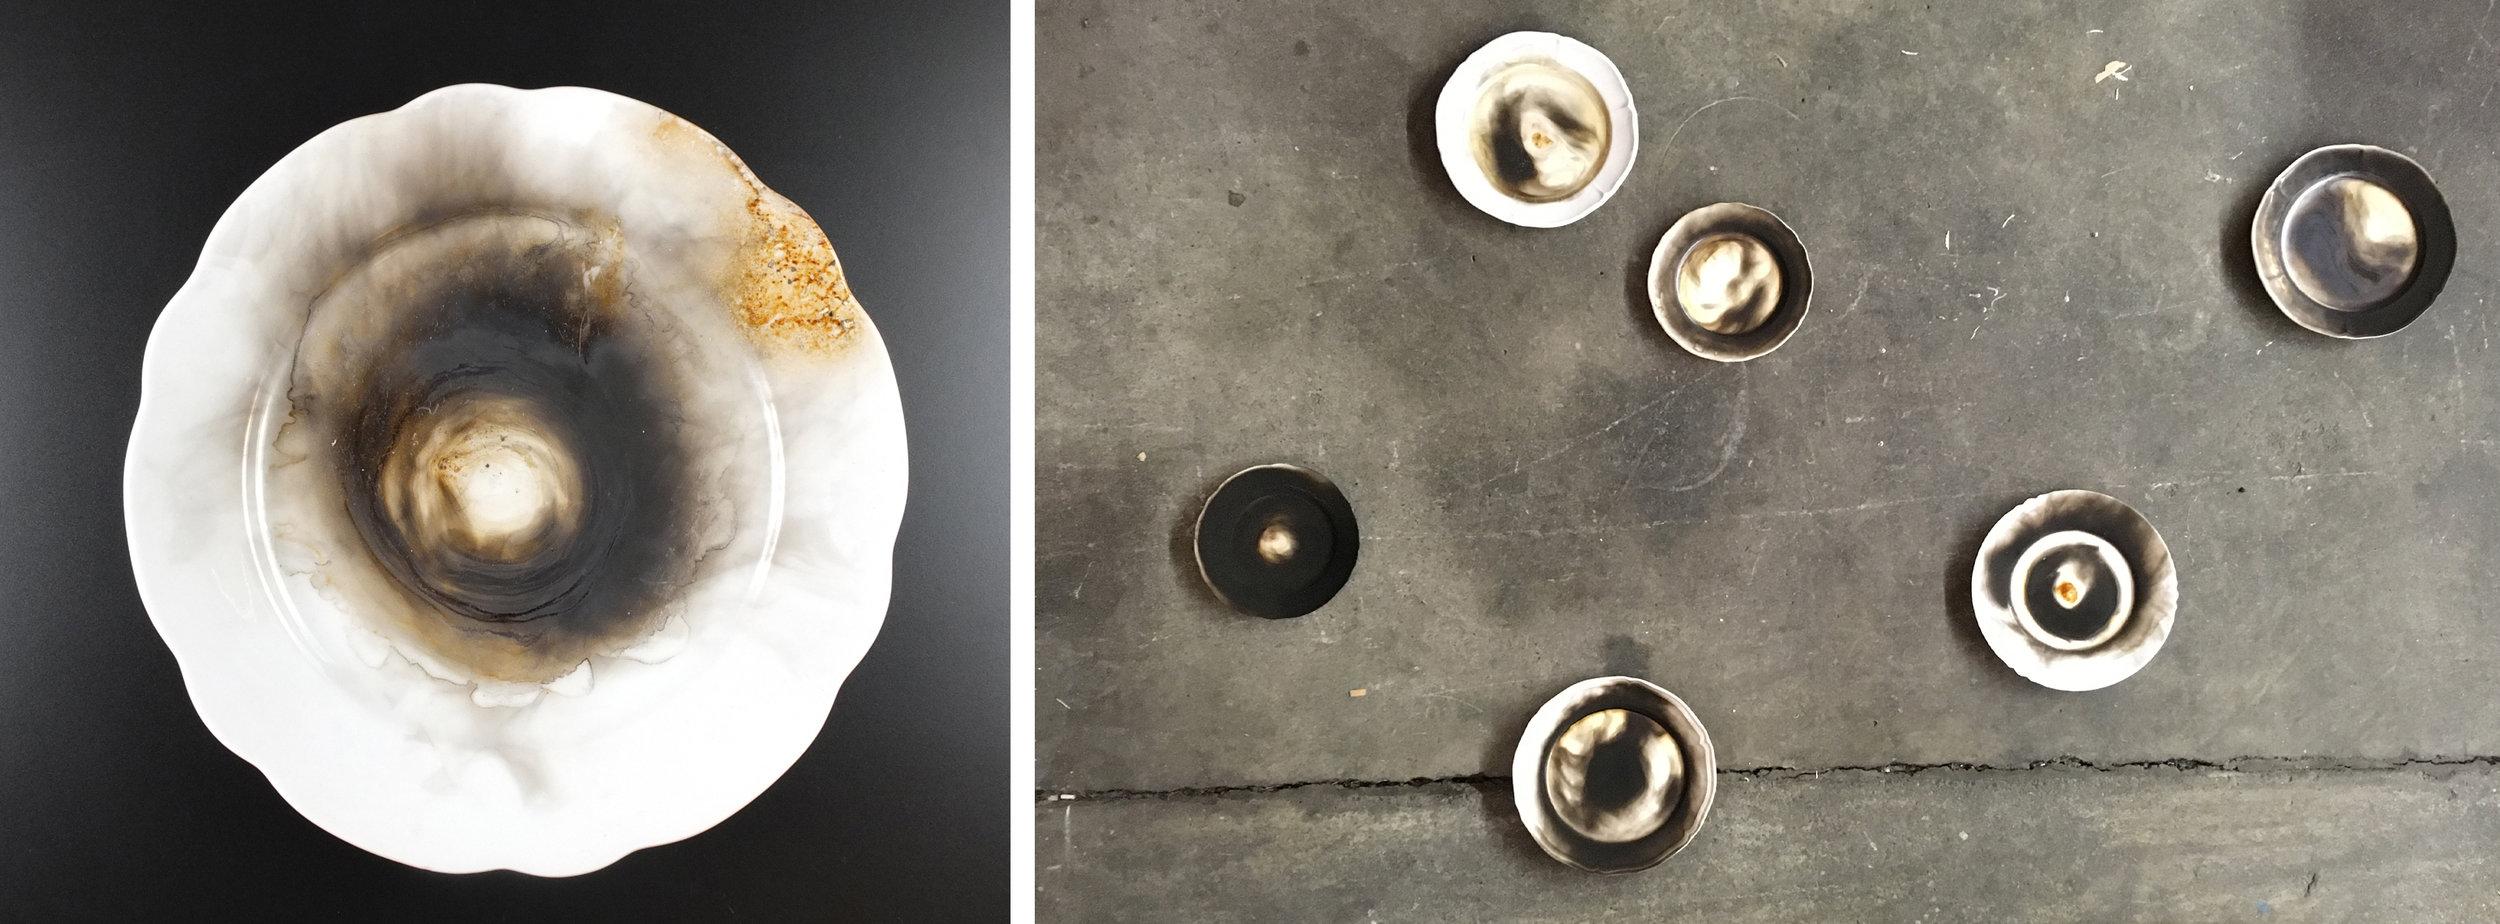 Endogen, 2018    Objektserie   Zu sehen sind Russzeichnungen auf glatten Tellern. Die Entflammung nimmt Bezug auf rituelle Verbrennungen. Mit Hilfe des Feuers und seiner reinigenden Kraft erhofft man sich durch das Verflüchtigen materieller Dinge Vergangenes hinter sich zu lassen. In den Tellerobjekten wird der Verbrennungsprozess als Spuren sichtbar. Es lässt sich nur erahnen was verbrannt wurde.